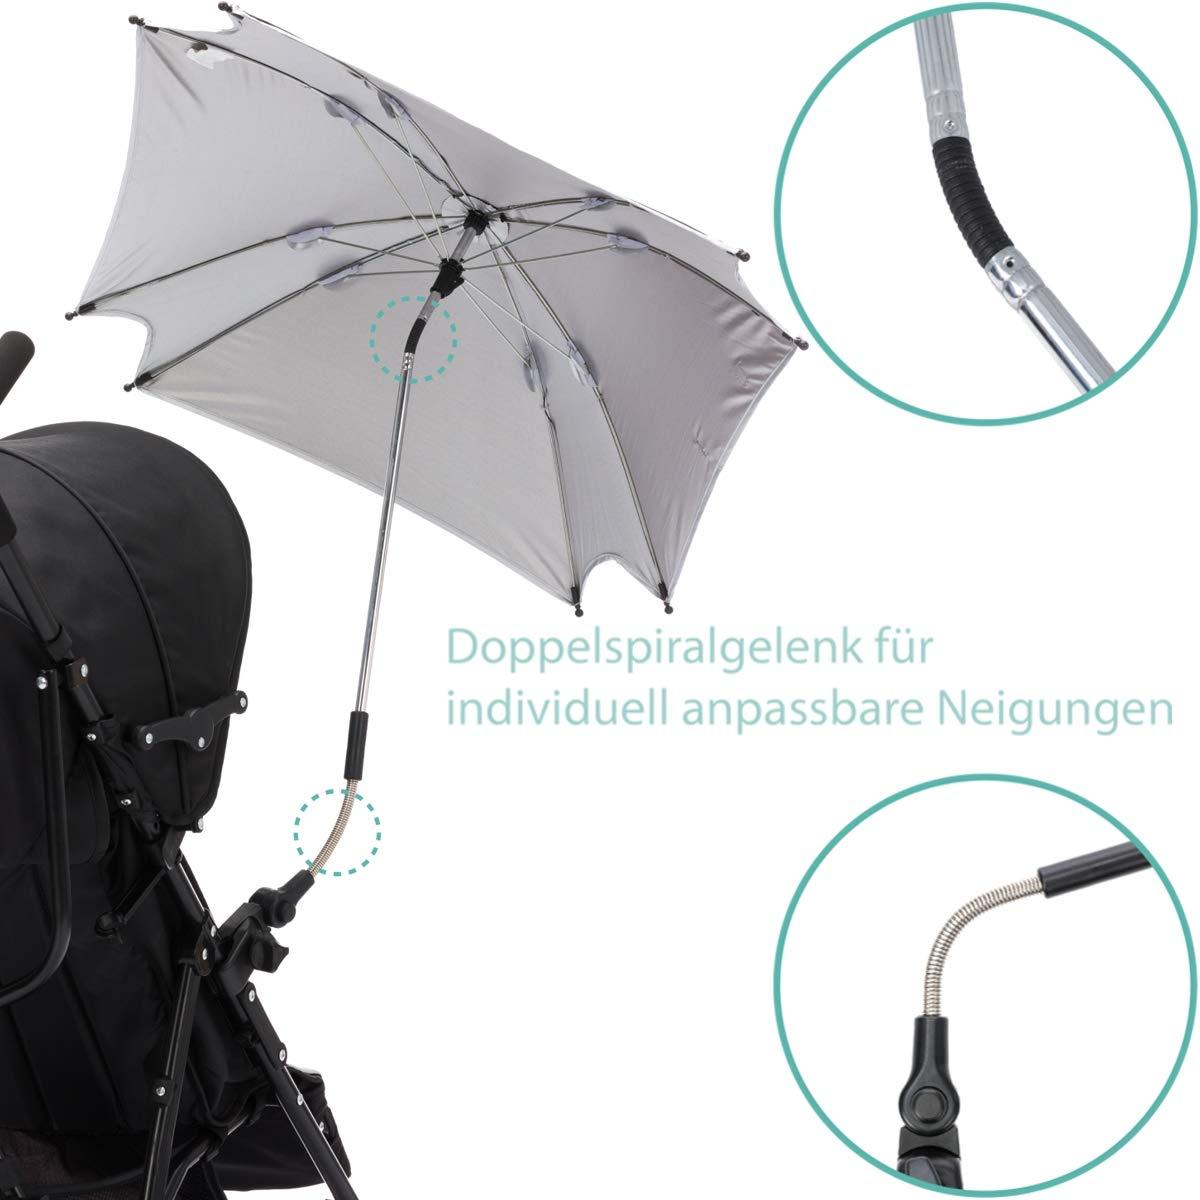 XL SONNENSCHIRM f/ür Kinderwagen und Buggys UV-SCHUTZ 50 PINK Schirm WASSERDICHT